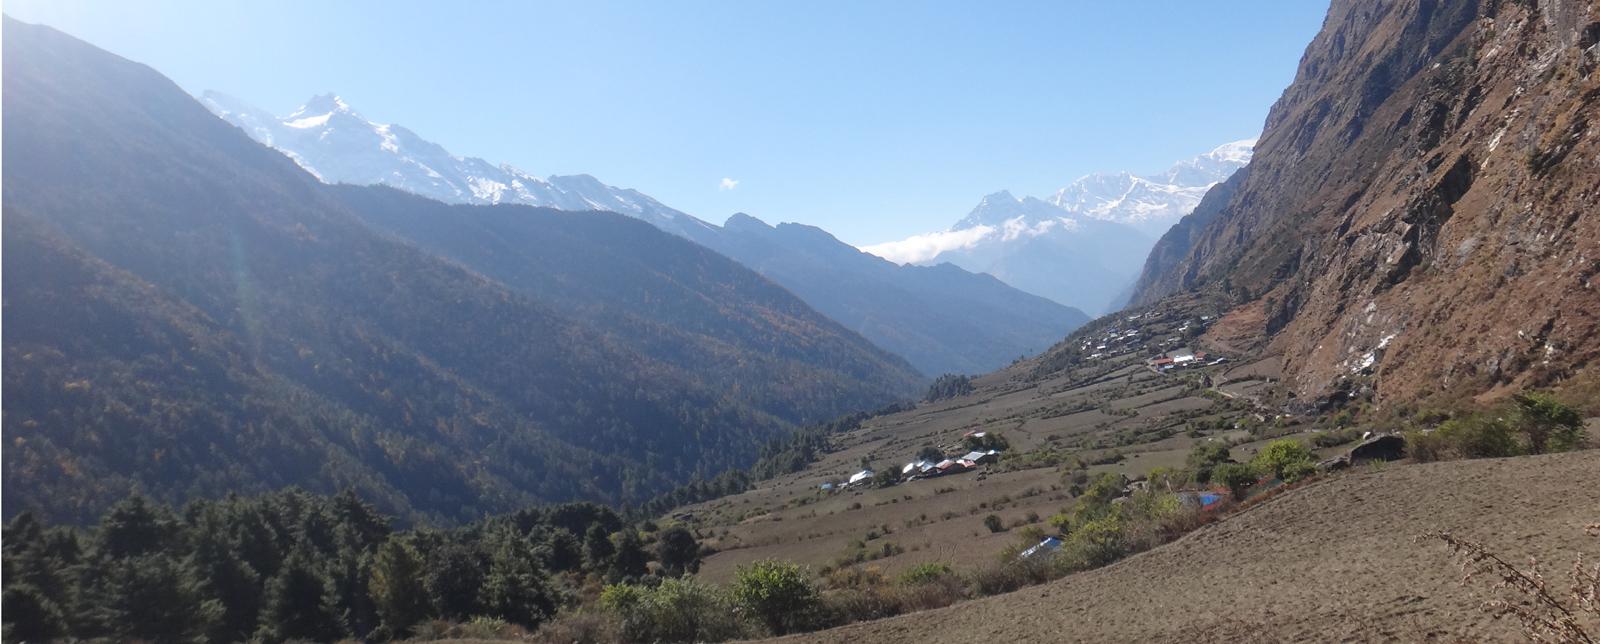 Tsum Valley, Manaslu trekking